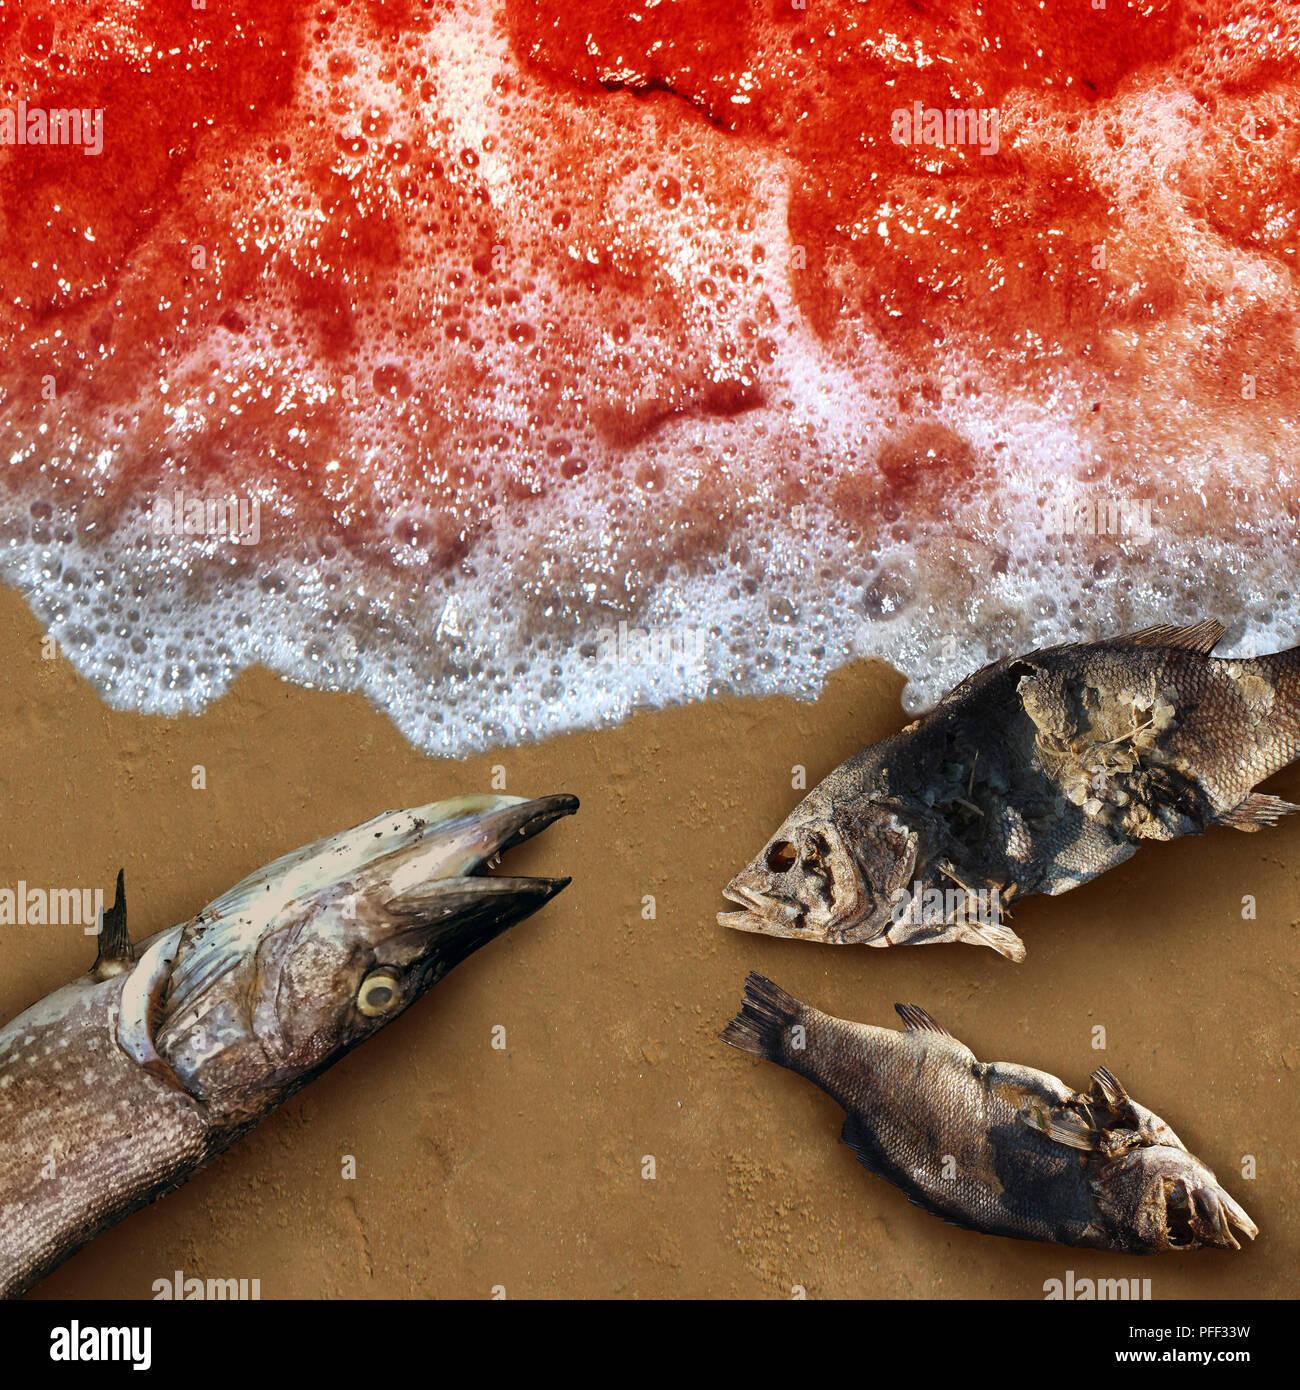 Red Tide Algen tödlich natürlichen Toxin im Ozean oder Meer als marine Leben Tod Konzept als konzeptioneller in einem 3D-Illustration Stil gefunden. Stockbild